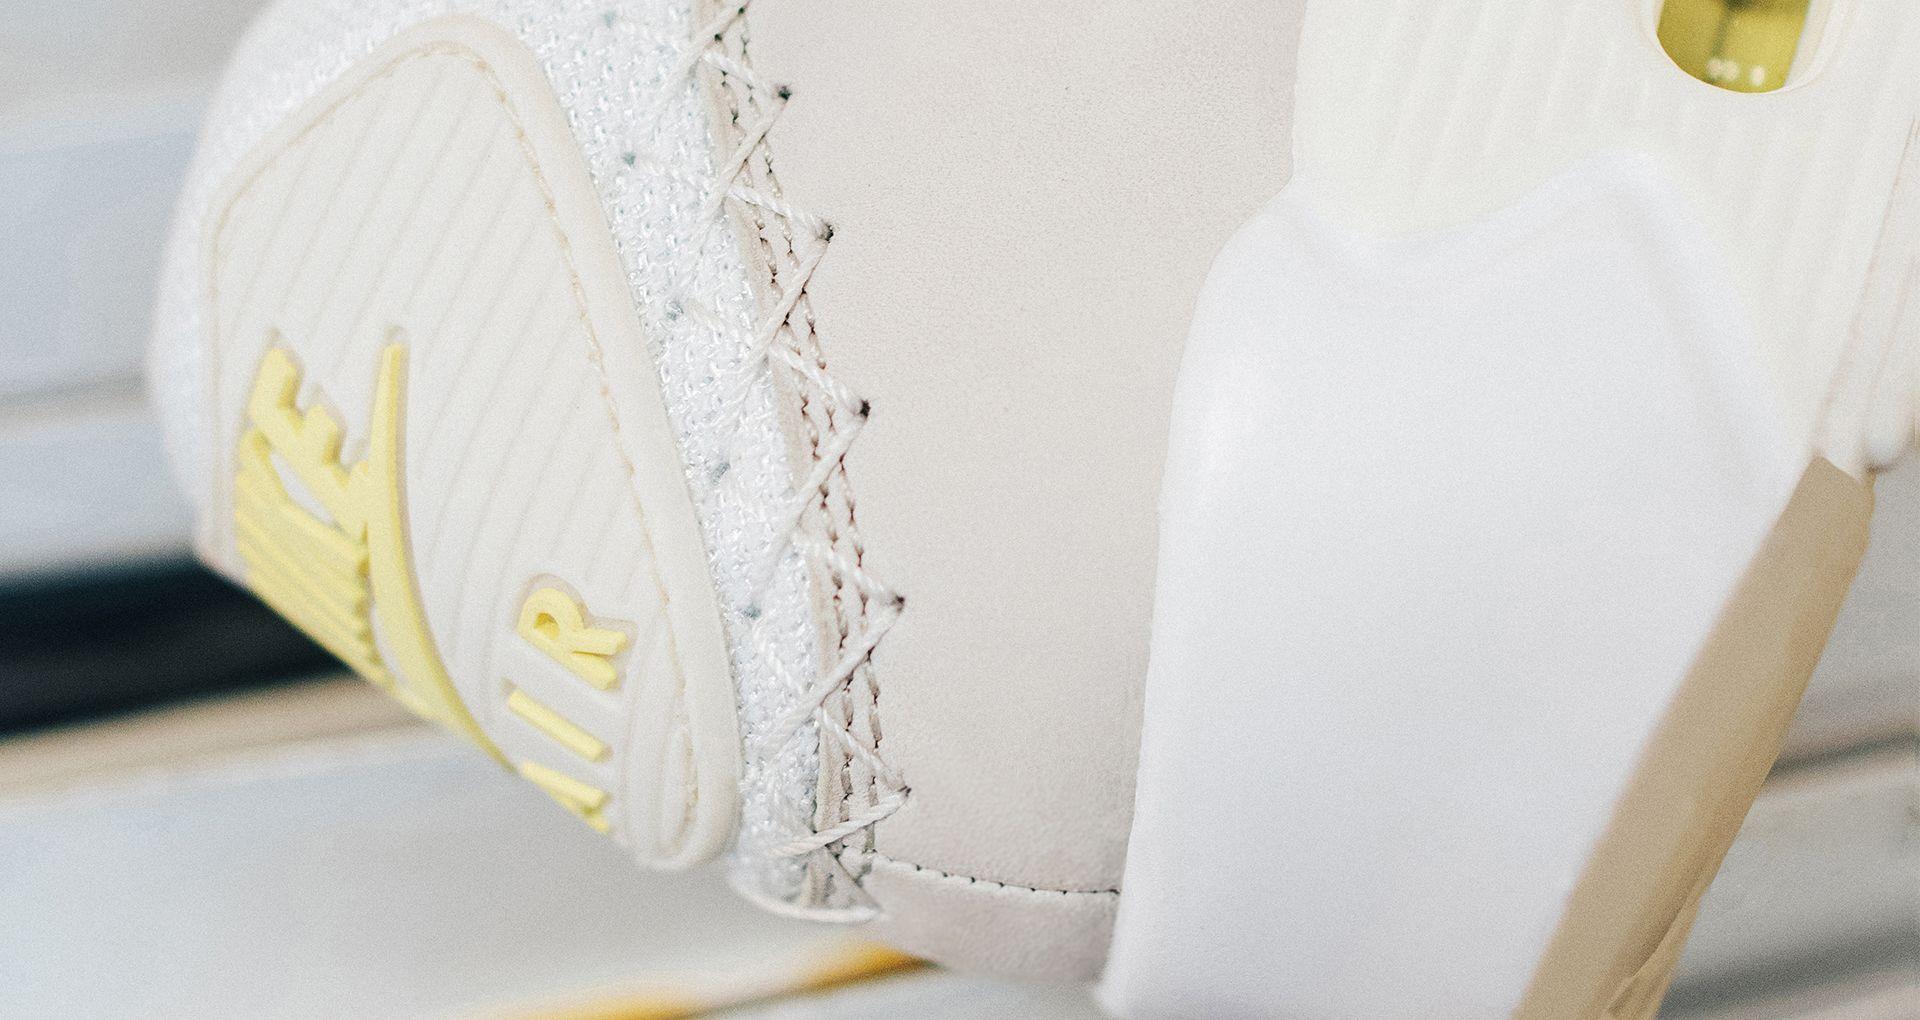 Het verhaal achter het design: AIR MAX 90 'A SIDE'. NikePlus